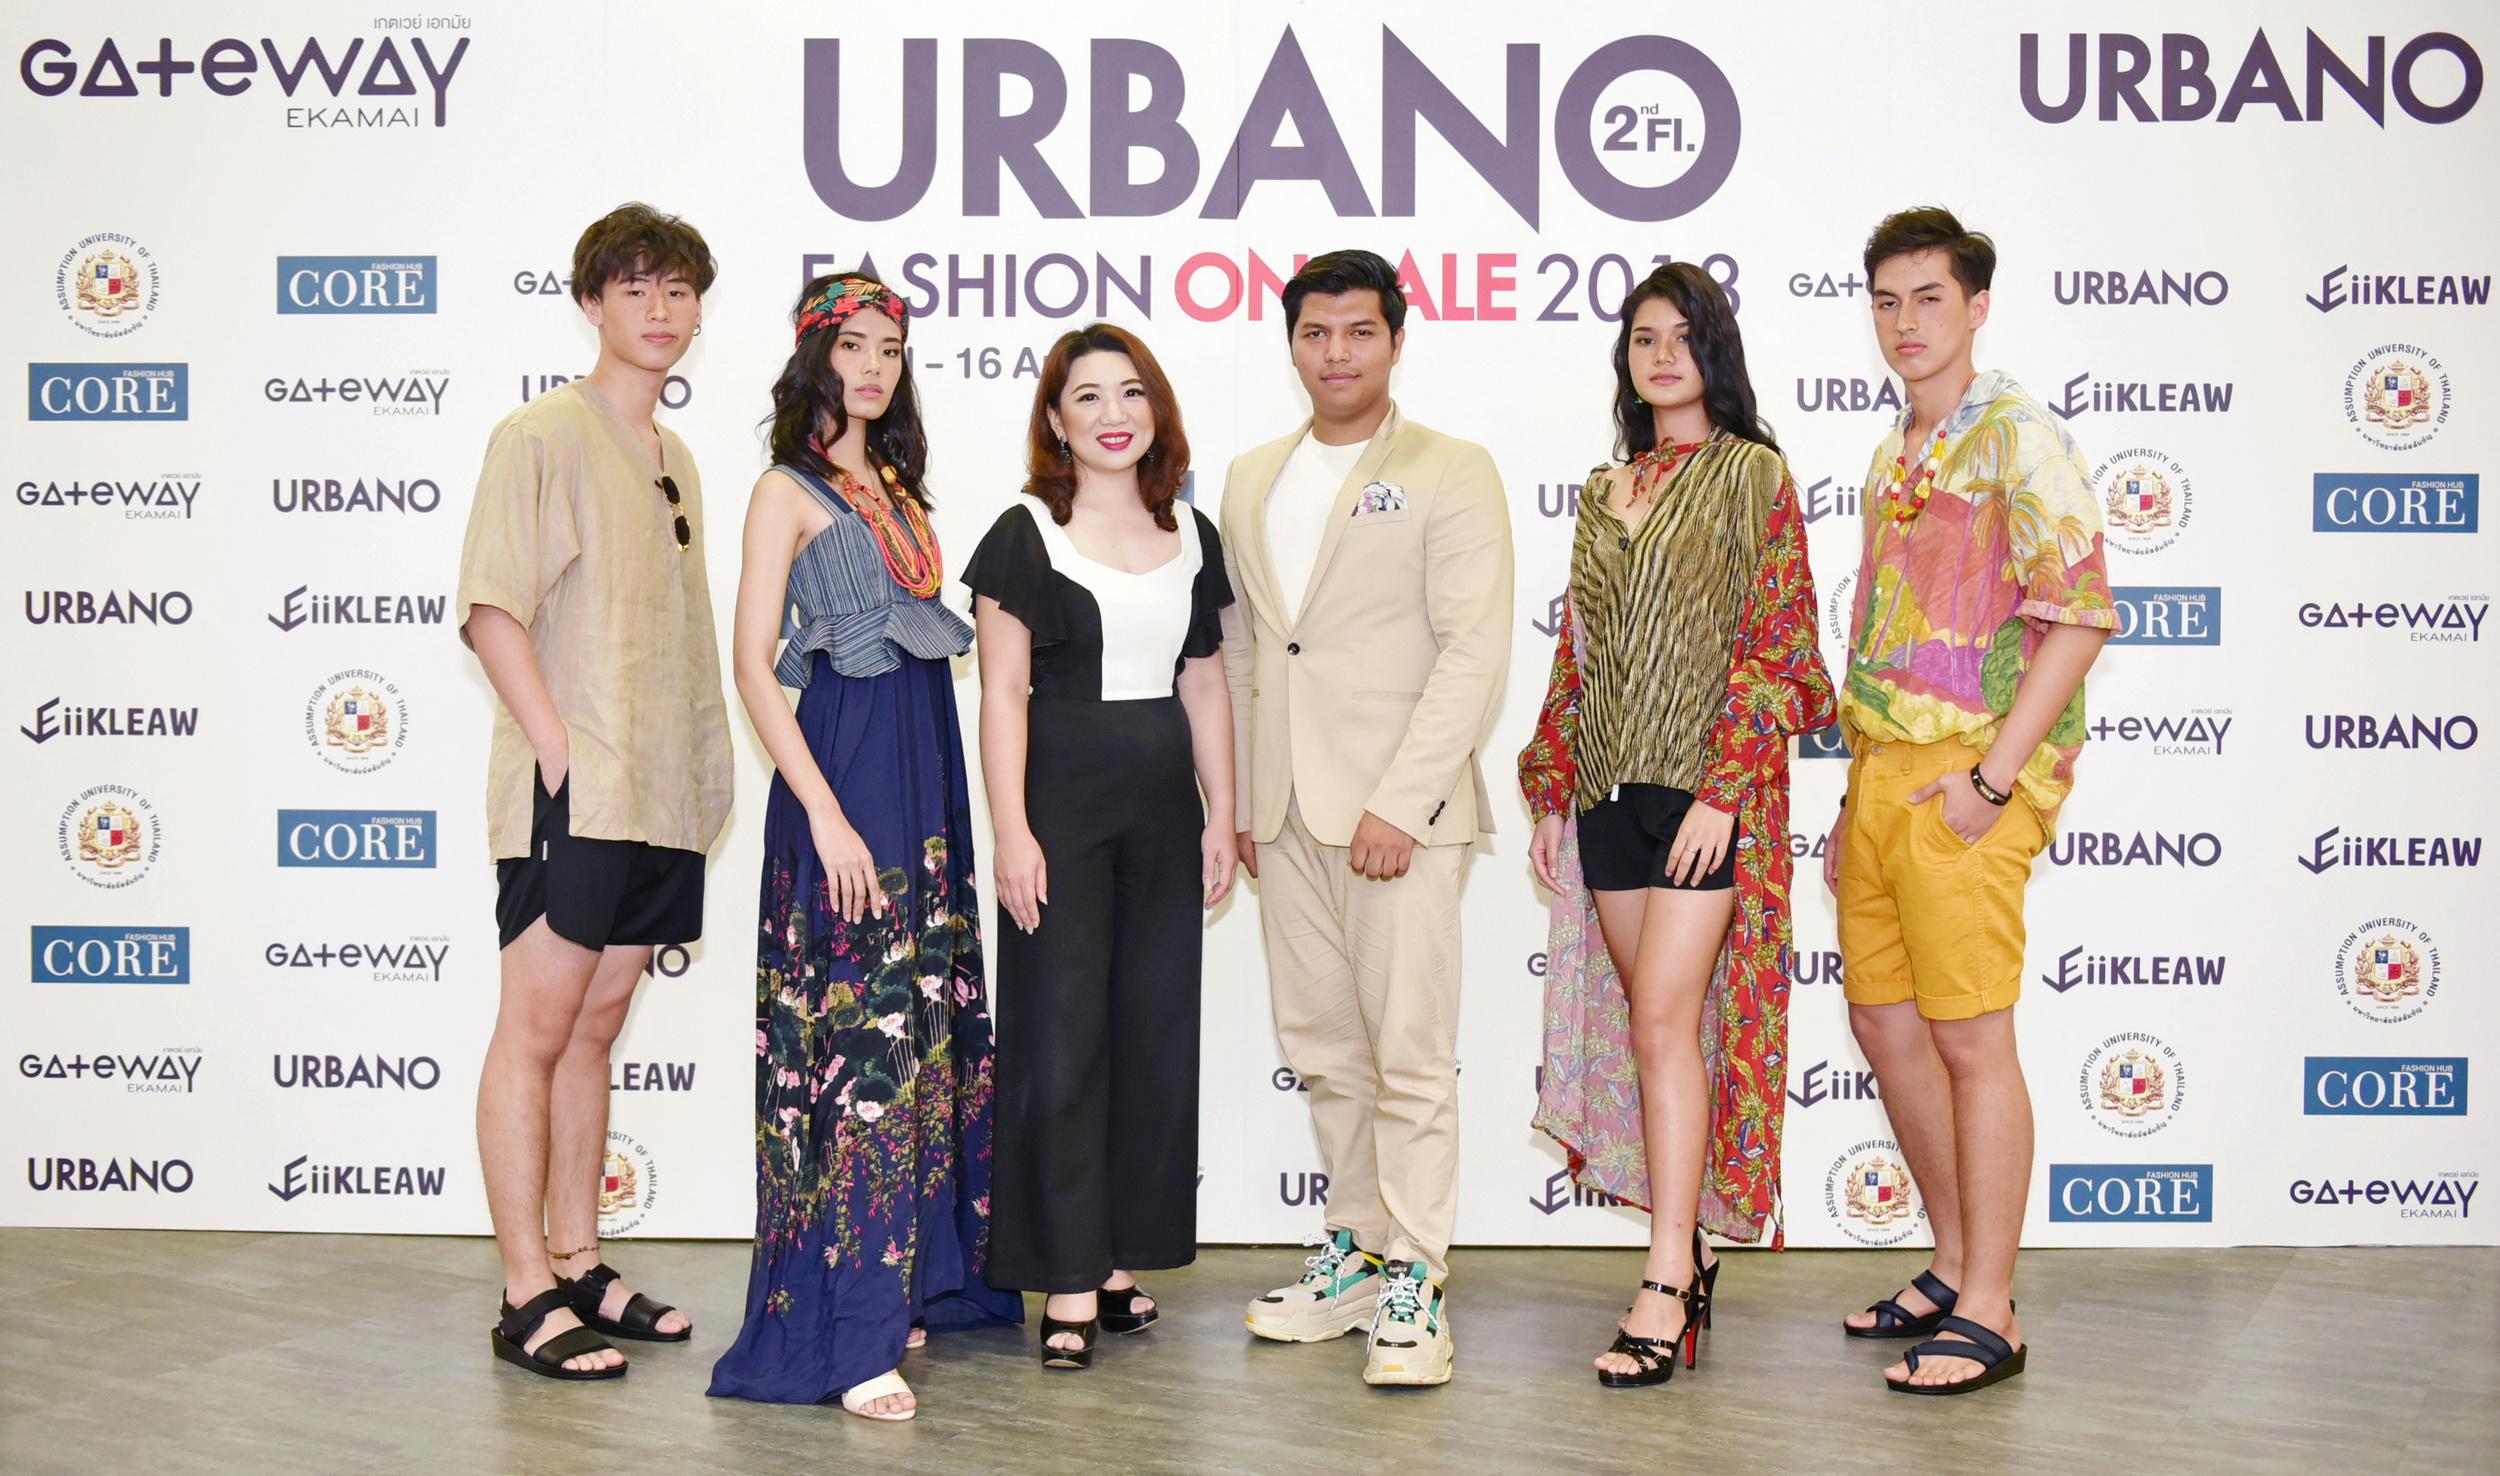 เกตเวย์ เอกมัย เอาใจแฟชั่นนิสต้า จัดงาน 'Urbano Fashion On Sale 2018' มหกรรมสินค้าแฟชั่นแห่งปี ลดสูงสุด 50%